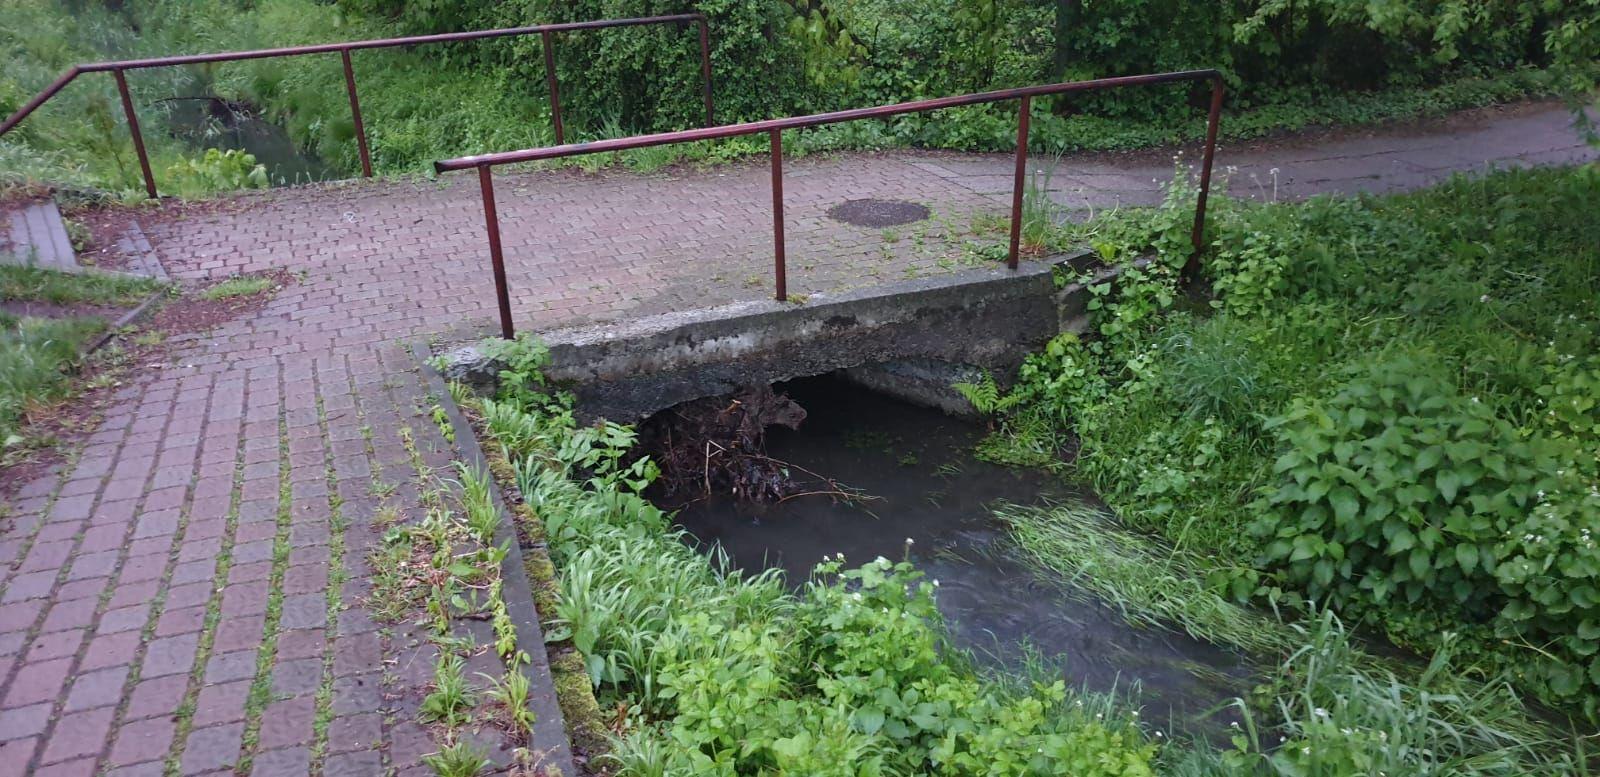 Deszczowy początek tygodnia, a nie wszystkie przepusty udrożnione